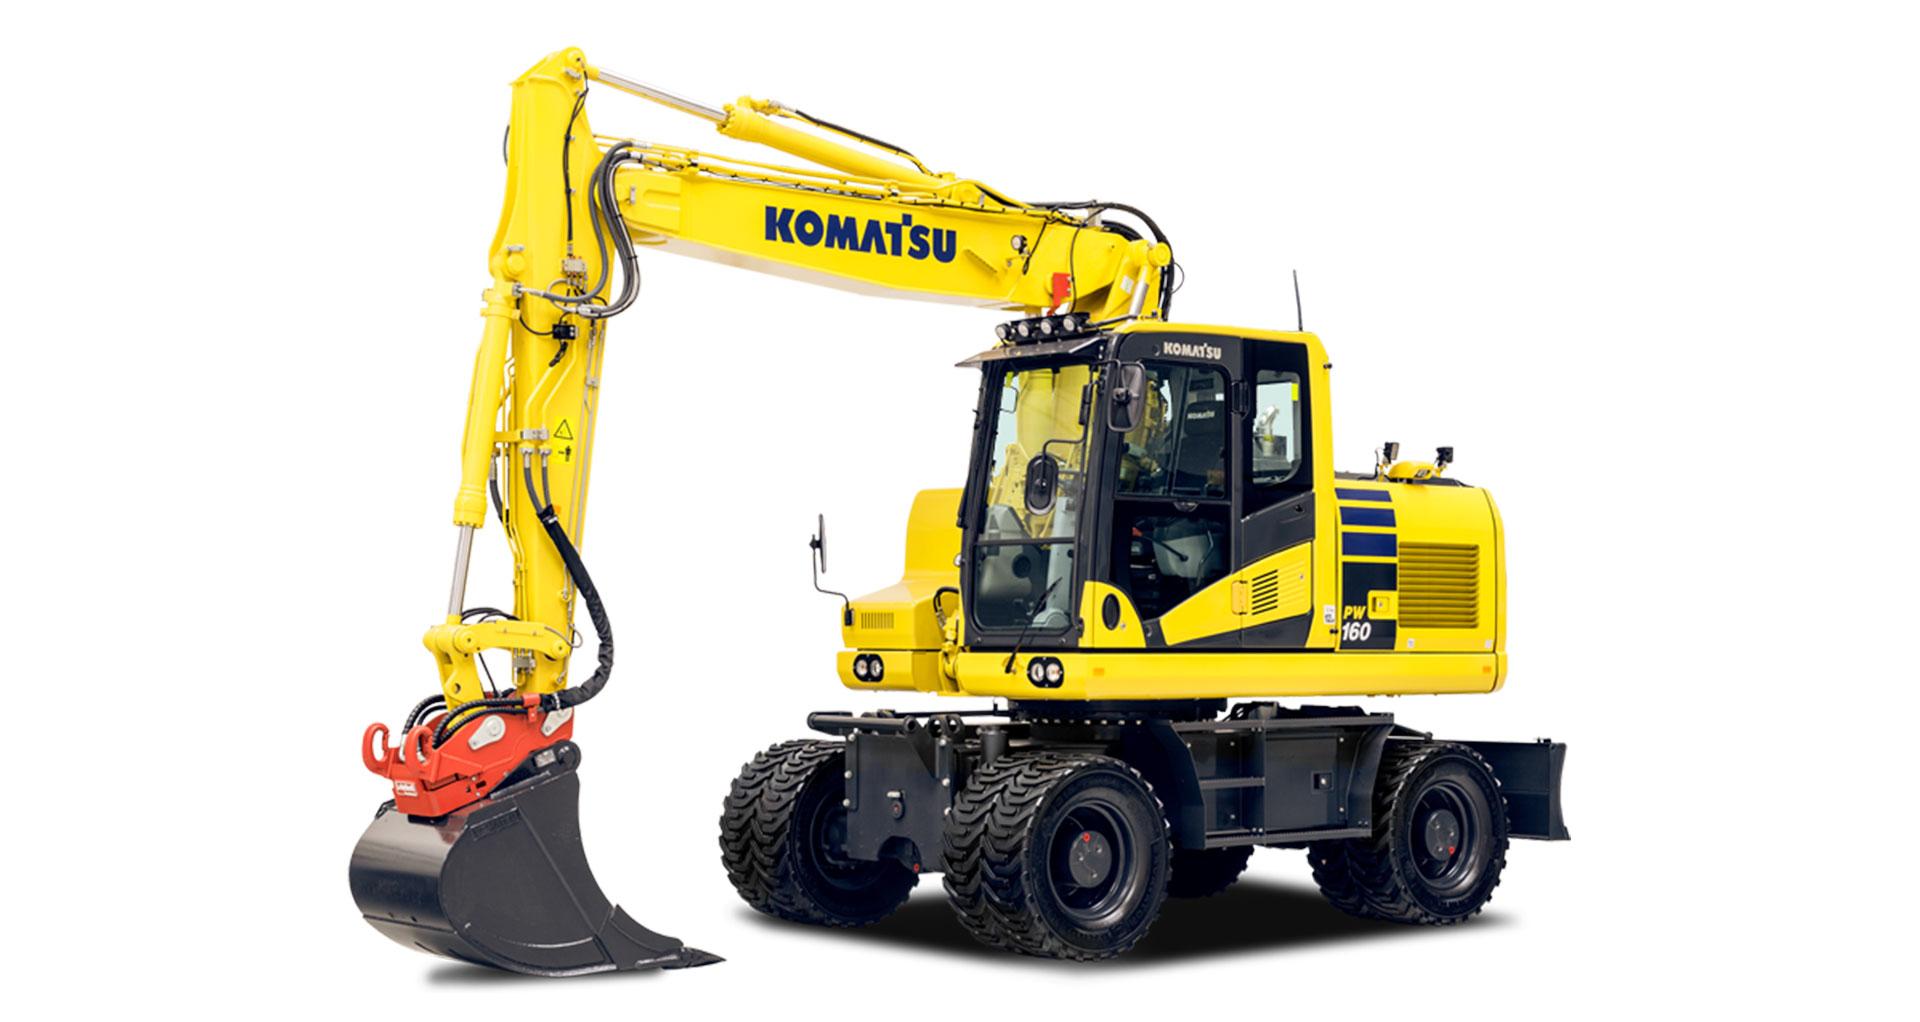 Escavatore gommato Komatsu PW160-11